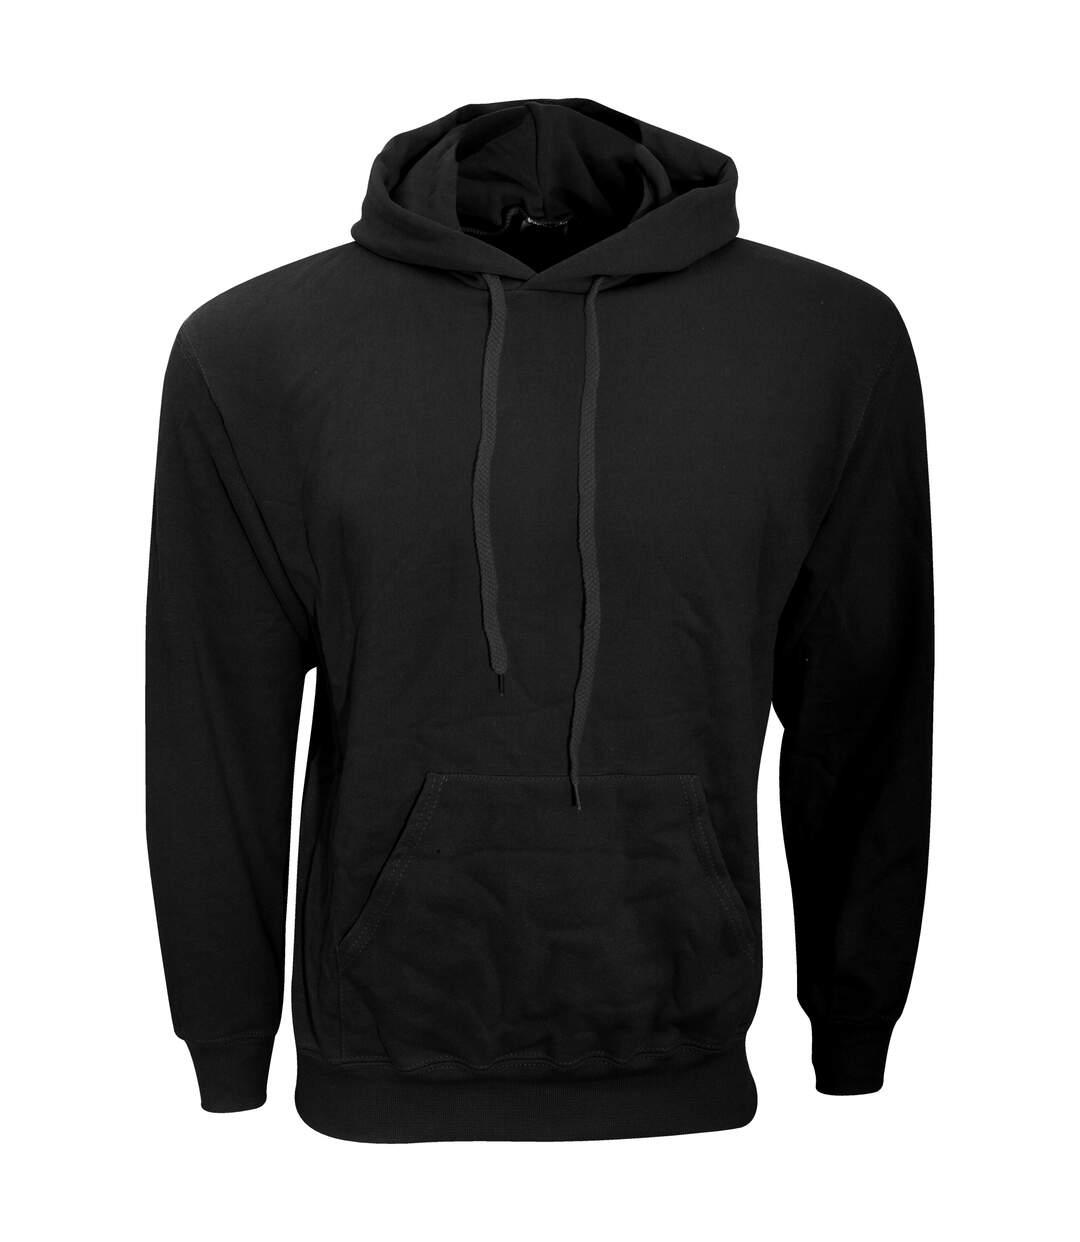 Fruit Of The Loom Mens Hooded Sweatshirt / Hoodie (White) - UTBC366